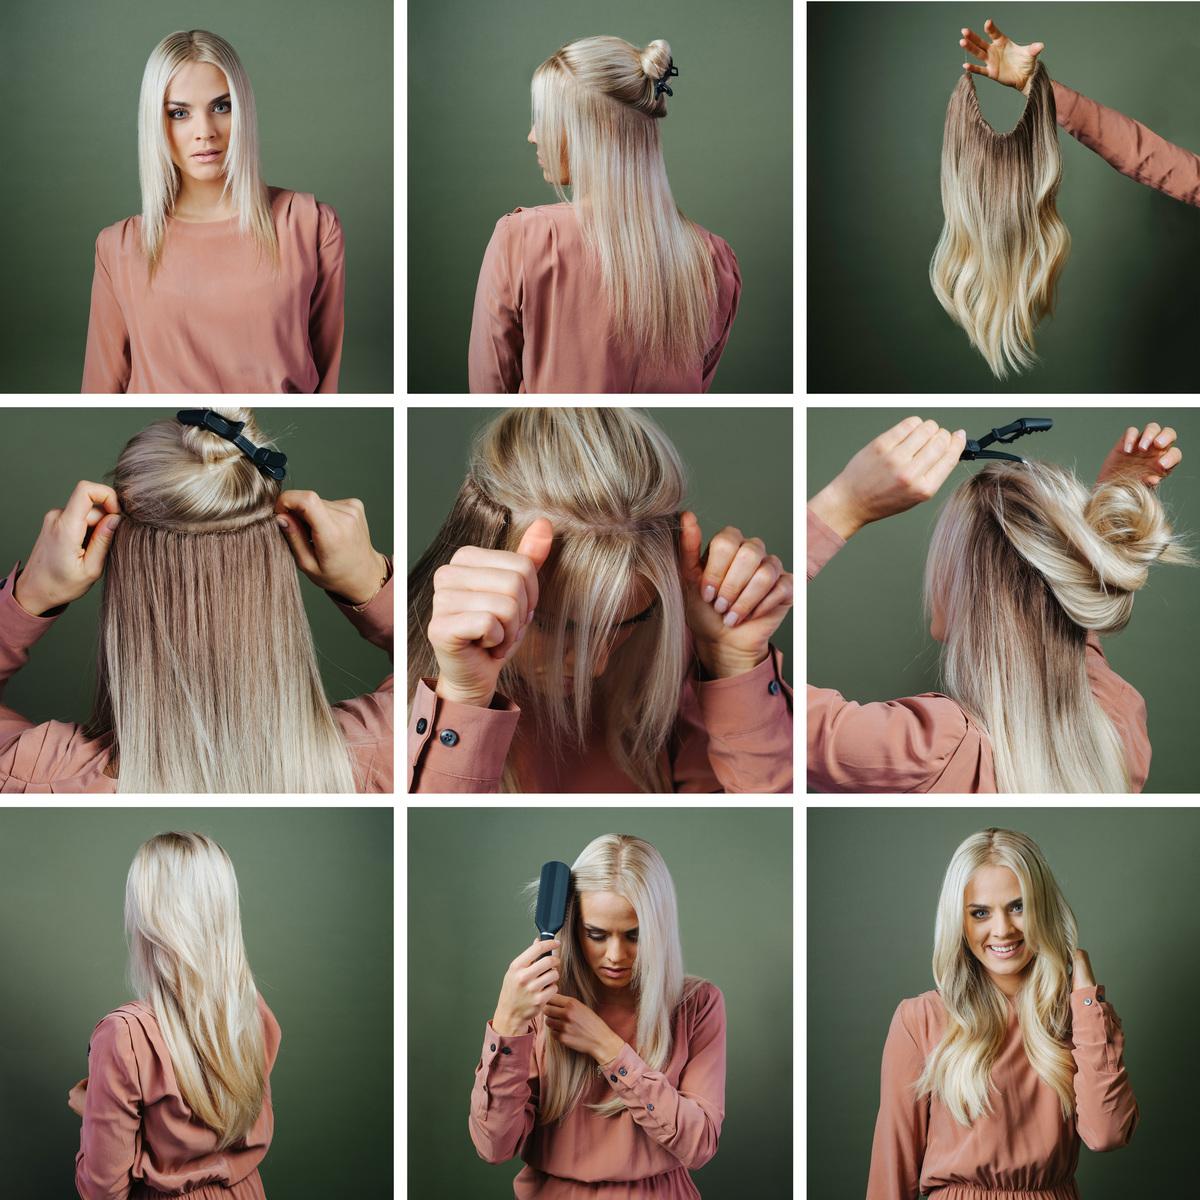 taber meget hår kvinde